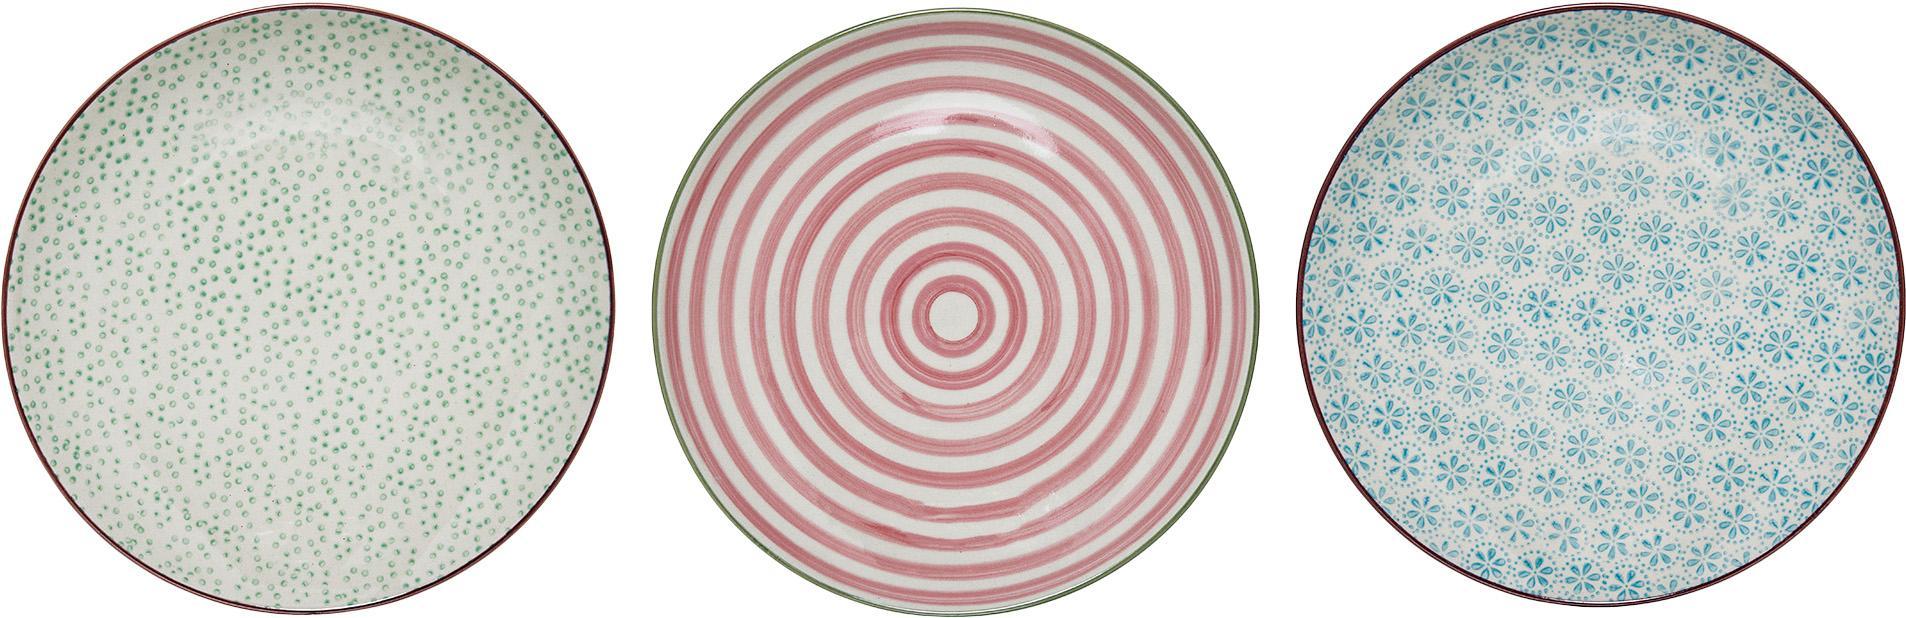 Handbemalte Frühstücksteller Patrizia mit kleinem Muster, 3er-Set, Steingut, Weiß, Grün, Rot, Blau, Ø 20 cm